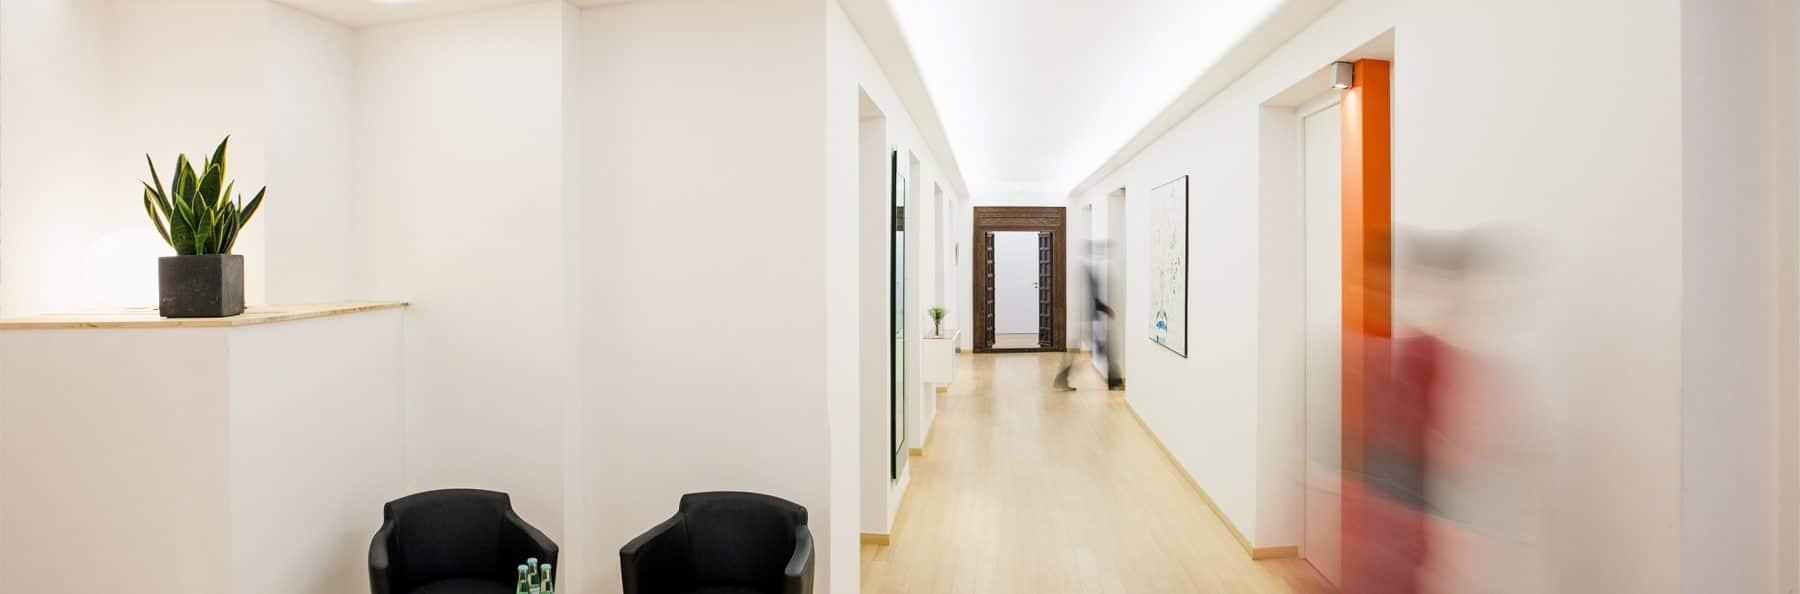 Härtere Strafen für Wohnungseinbruchsdiebstahl